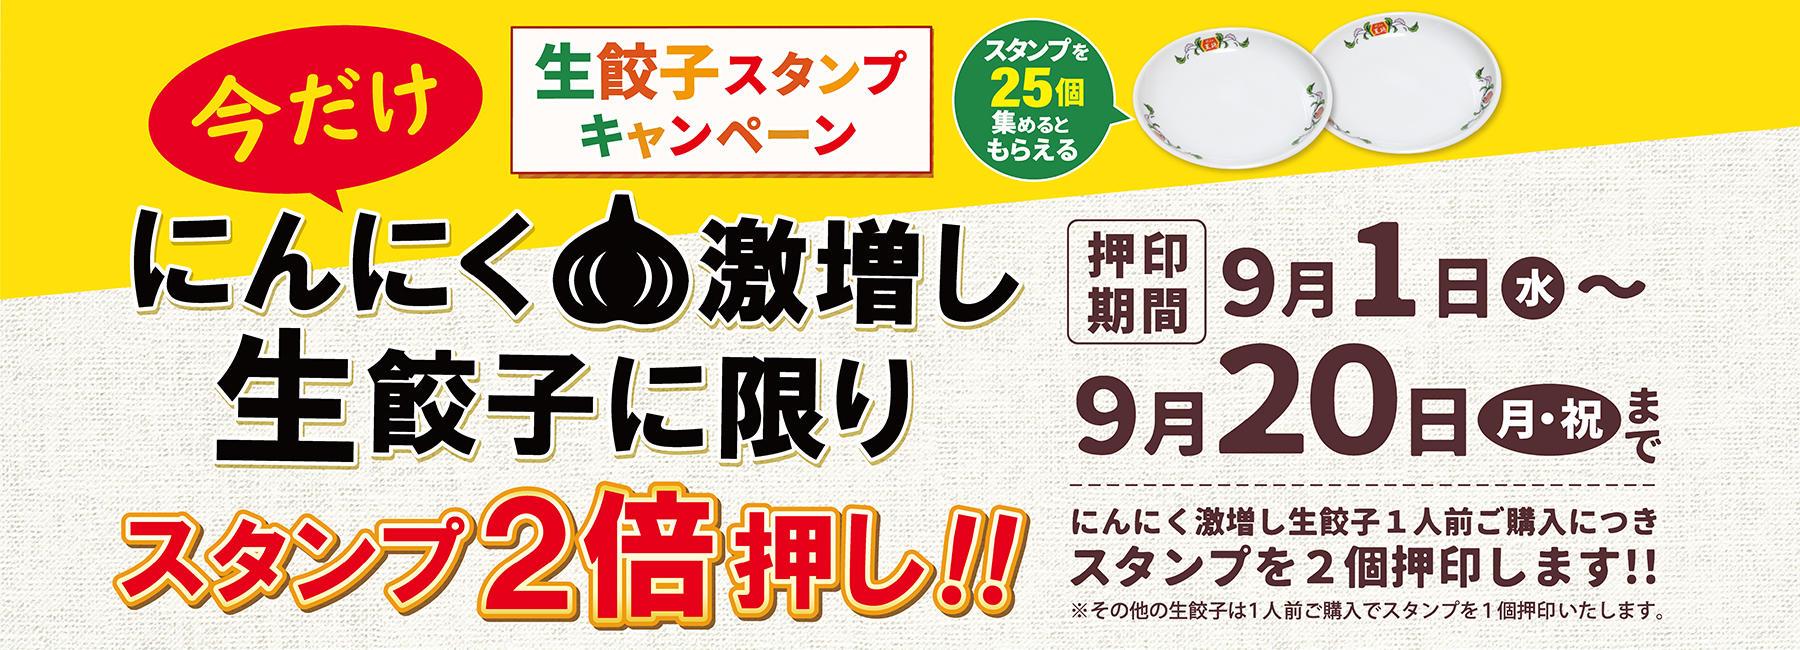 gekimashi2bai_info.jpg